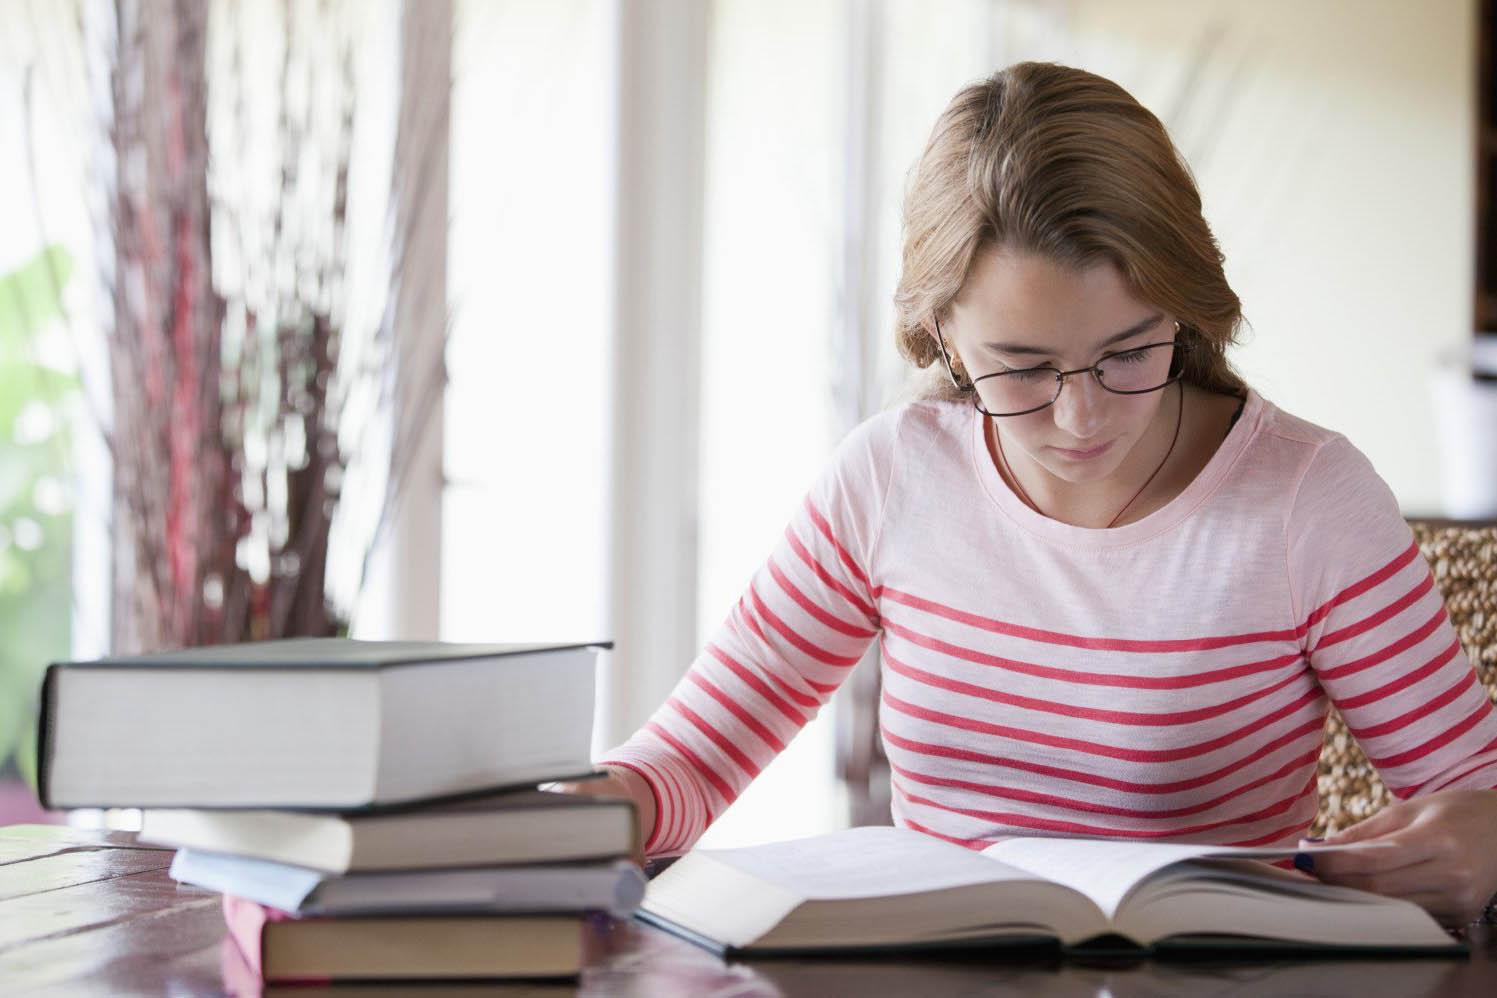 mainan pengganti gadget dan baca buku menjadi penghilang kebiasaan buruk